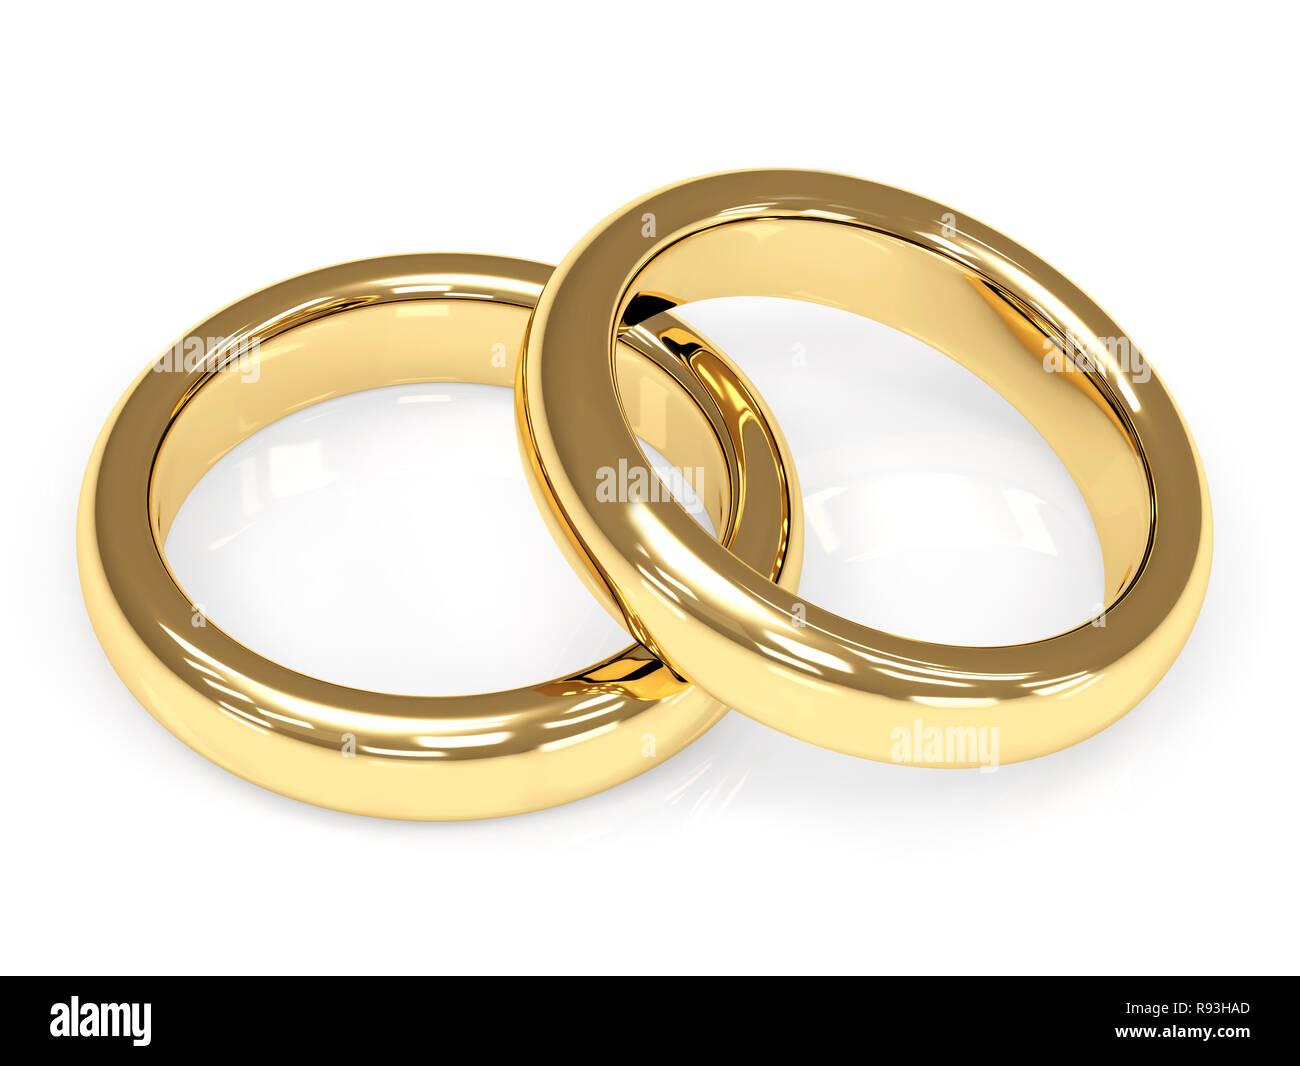 Zwei 3d Gold Hochzeit Ringe Objekte über Weiß Stockfoto